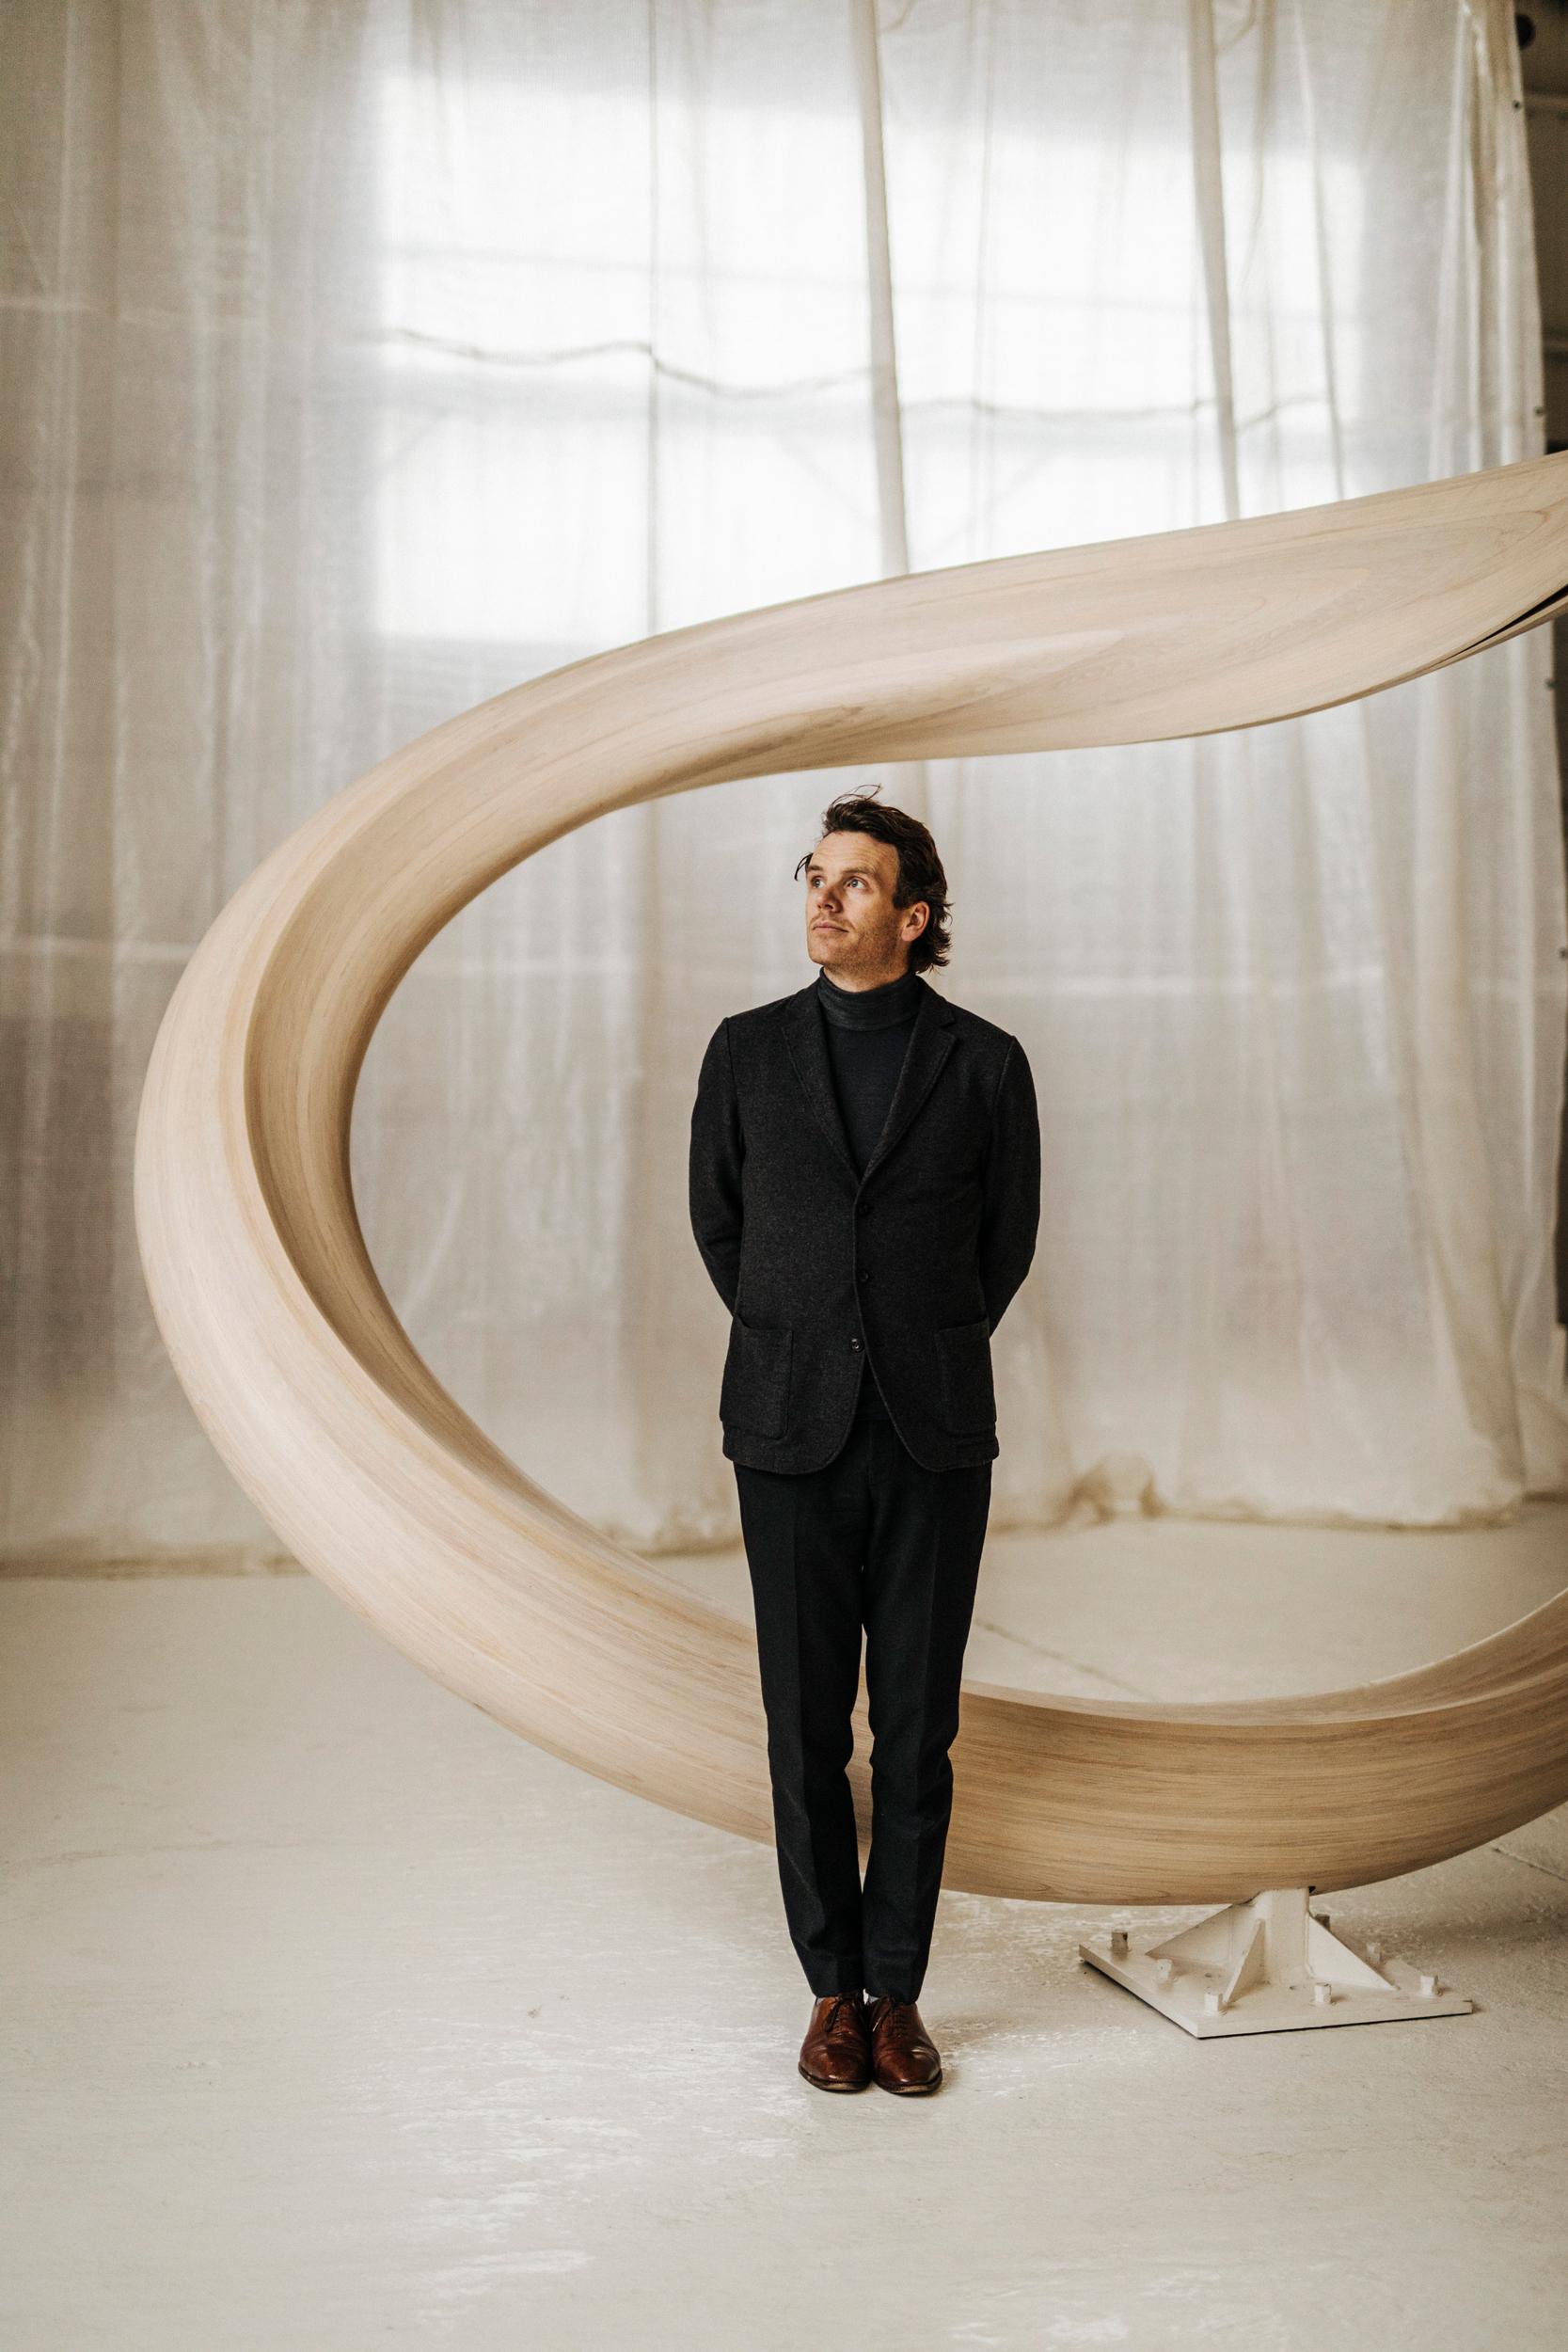 Sculptor Joseph Walsh